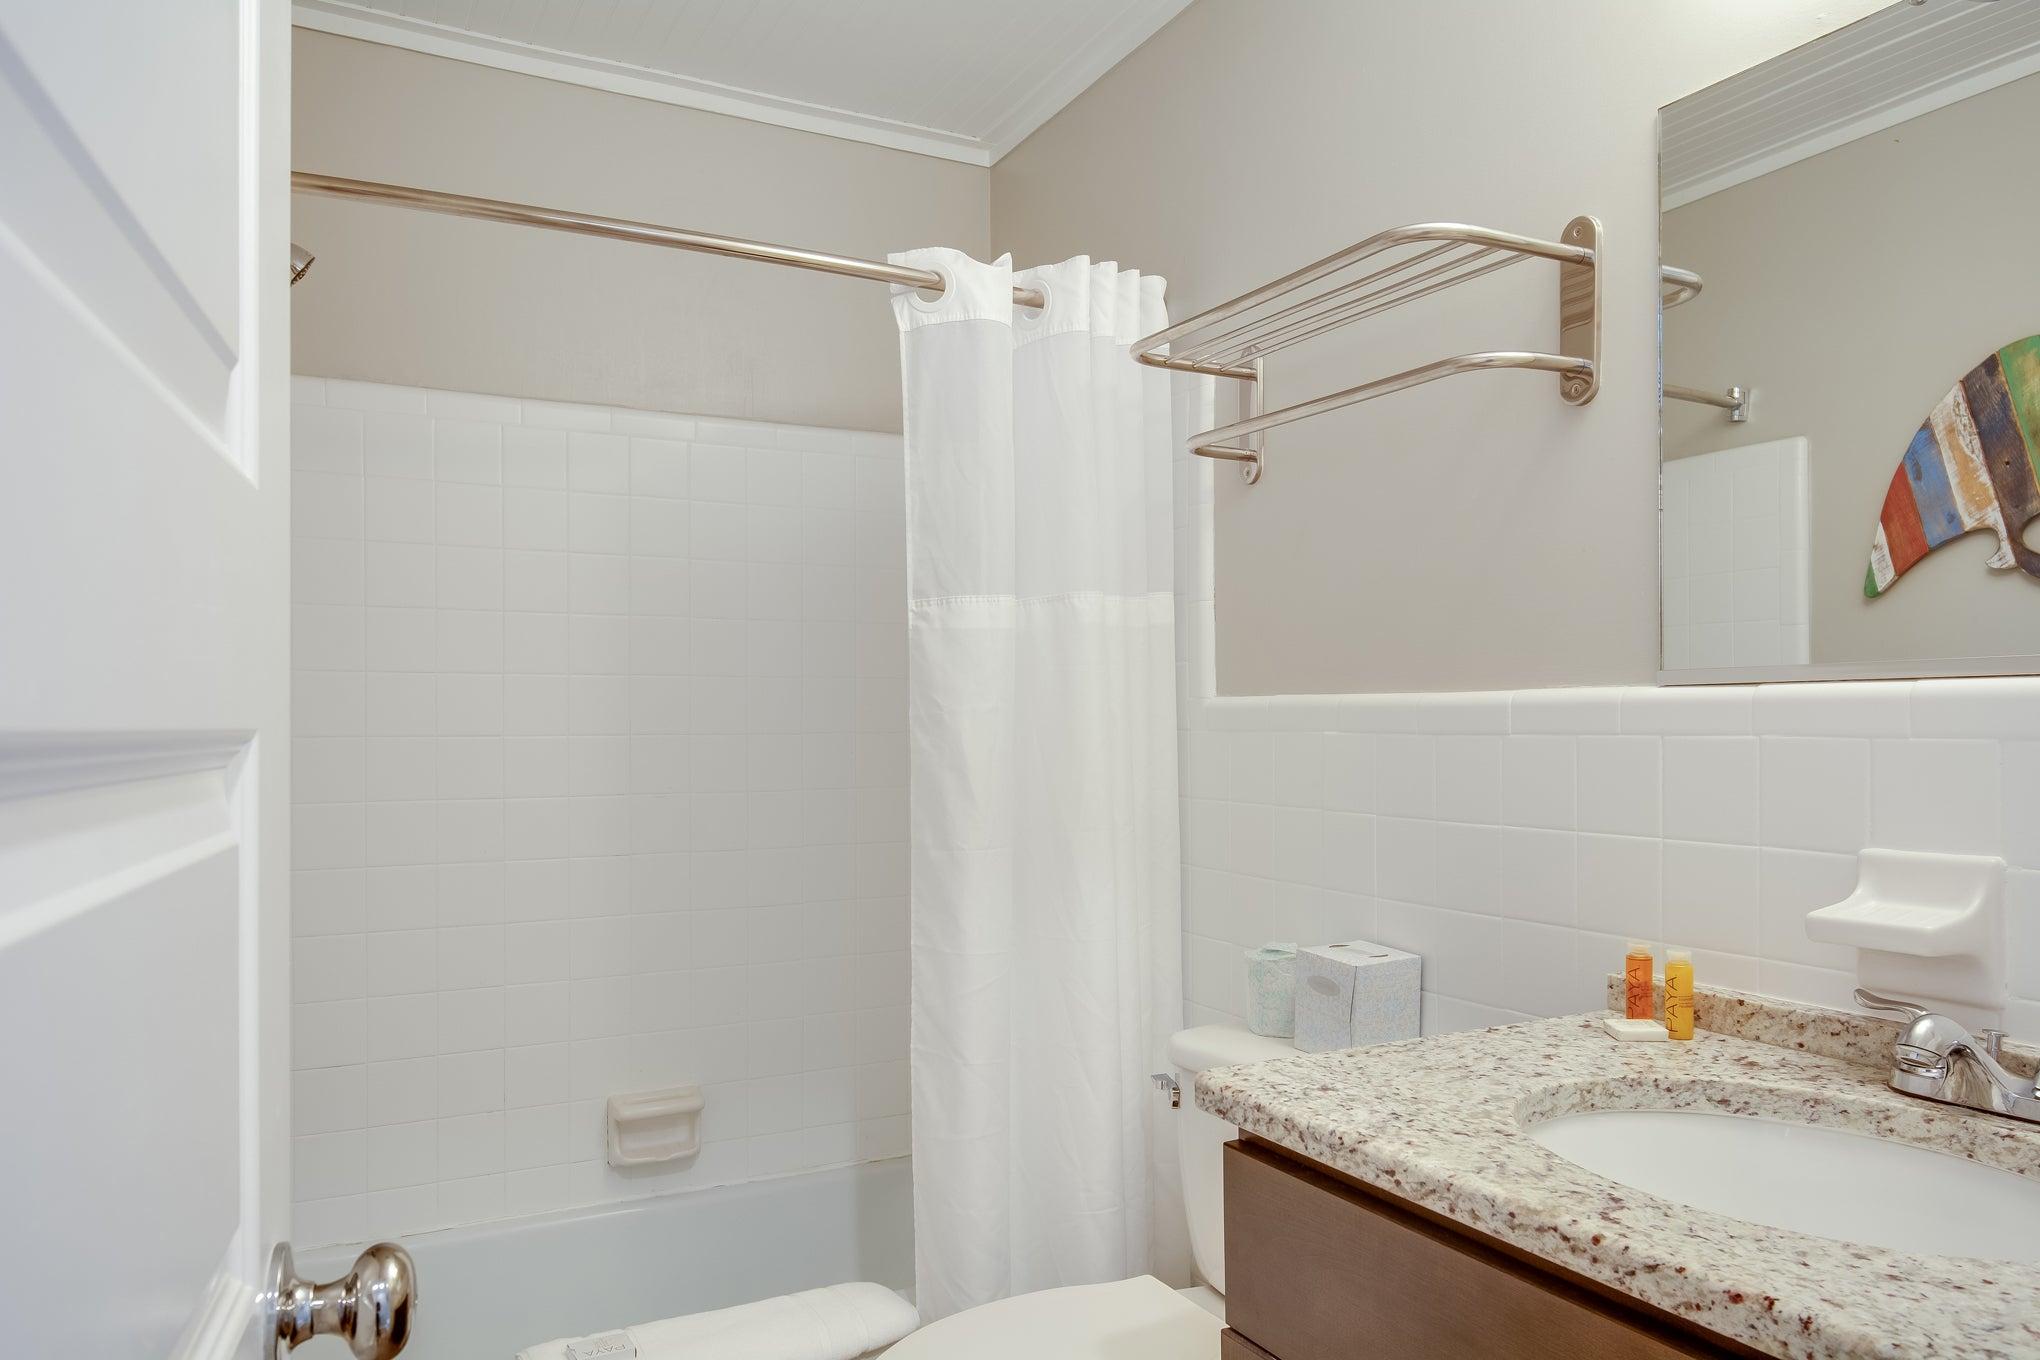 TH29: The Kitty Hawk Bay - Bathroom